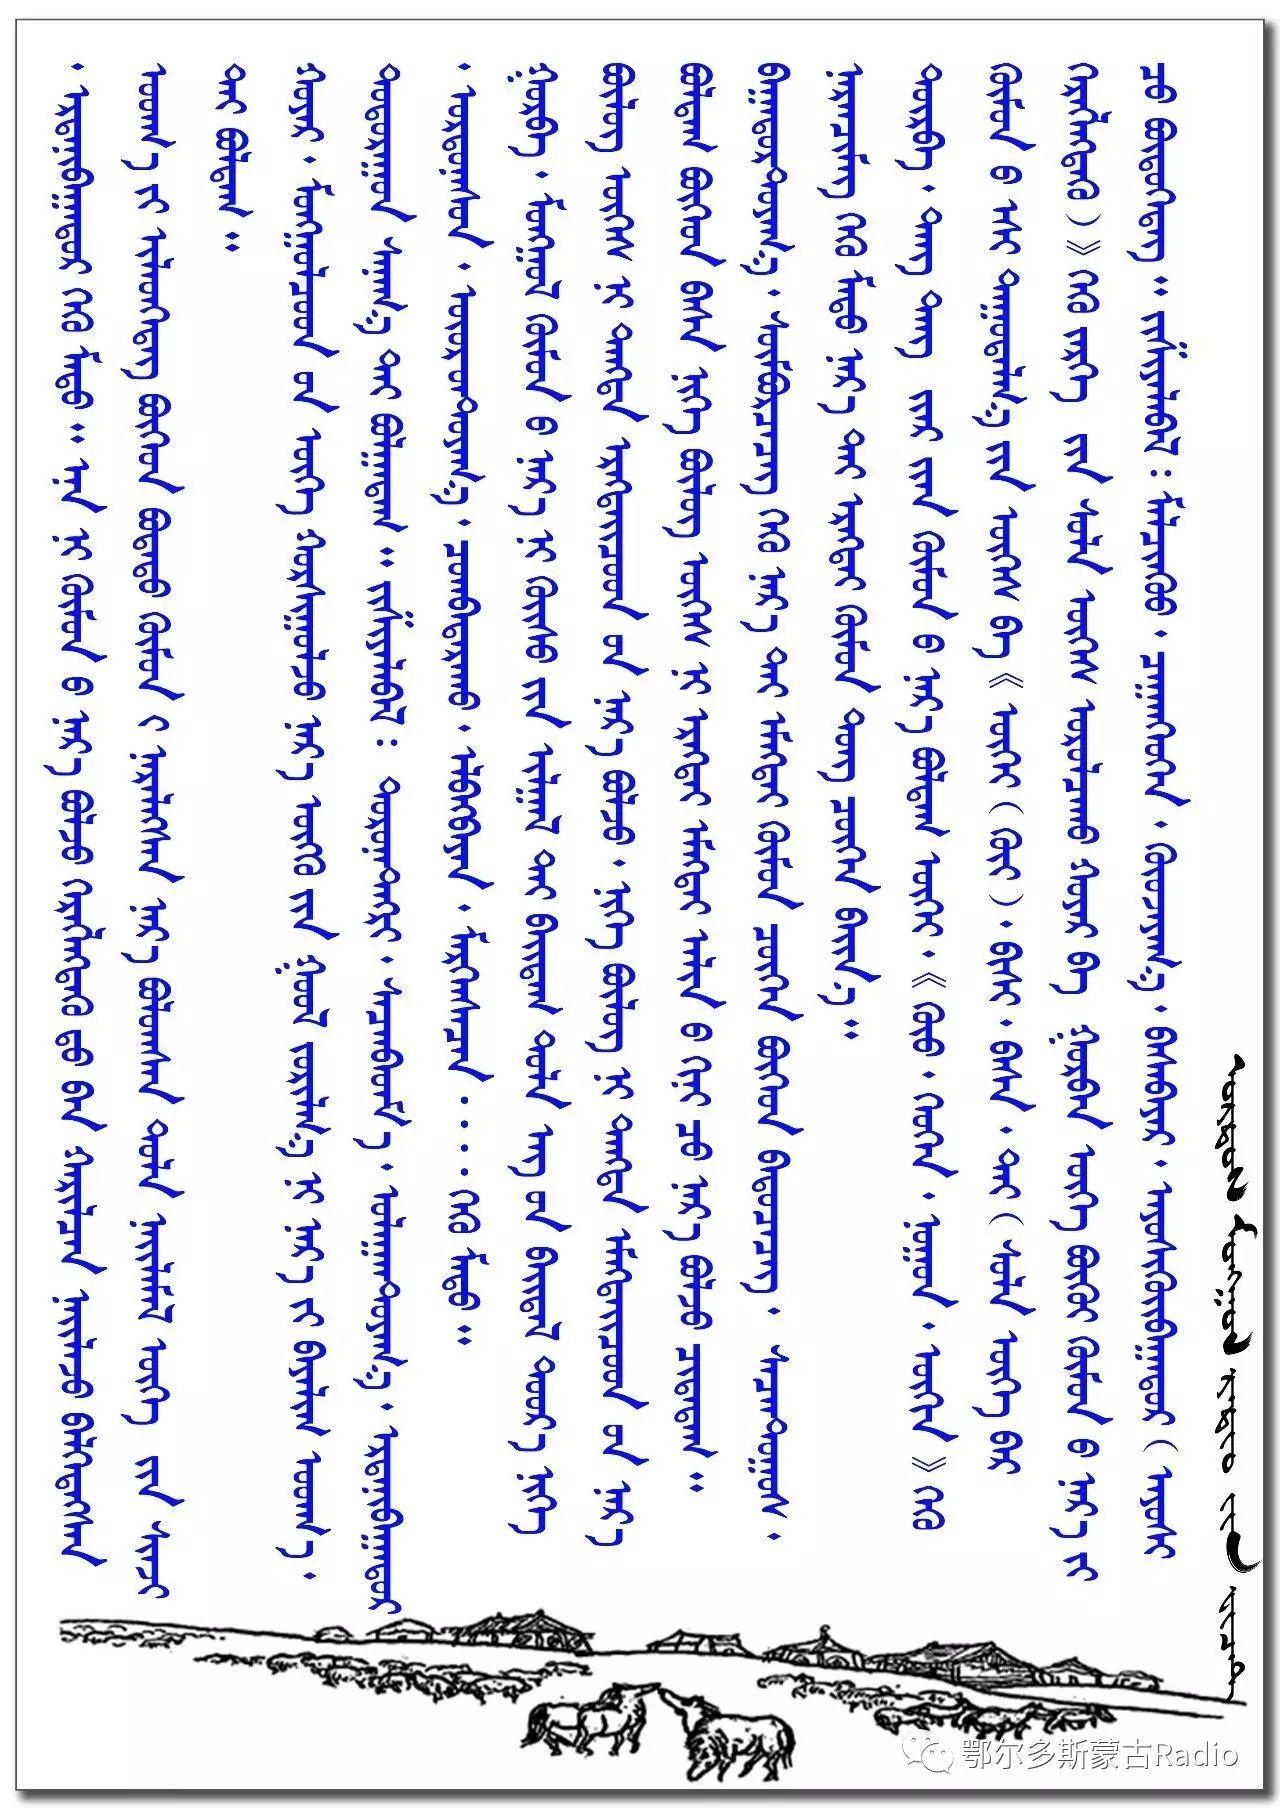 【习俗】蒙古人起名字习俗,年轻的父母们快来看看是怎么回事(蒙古文) 第8张 【习俗】蒙古人起名字习俗,年轻的父母们快来看看是怎么回事(蒙古文) 蒙古文库